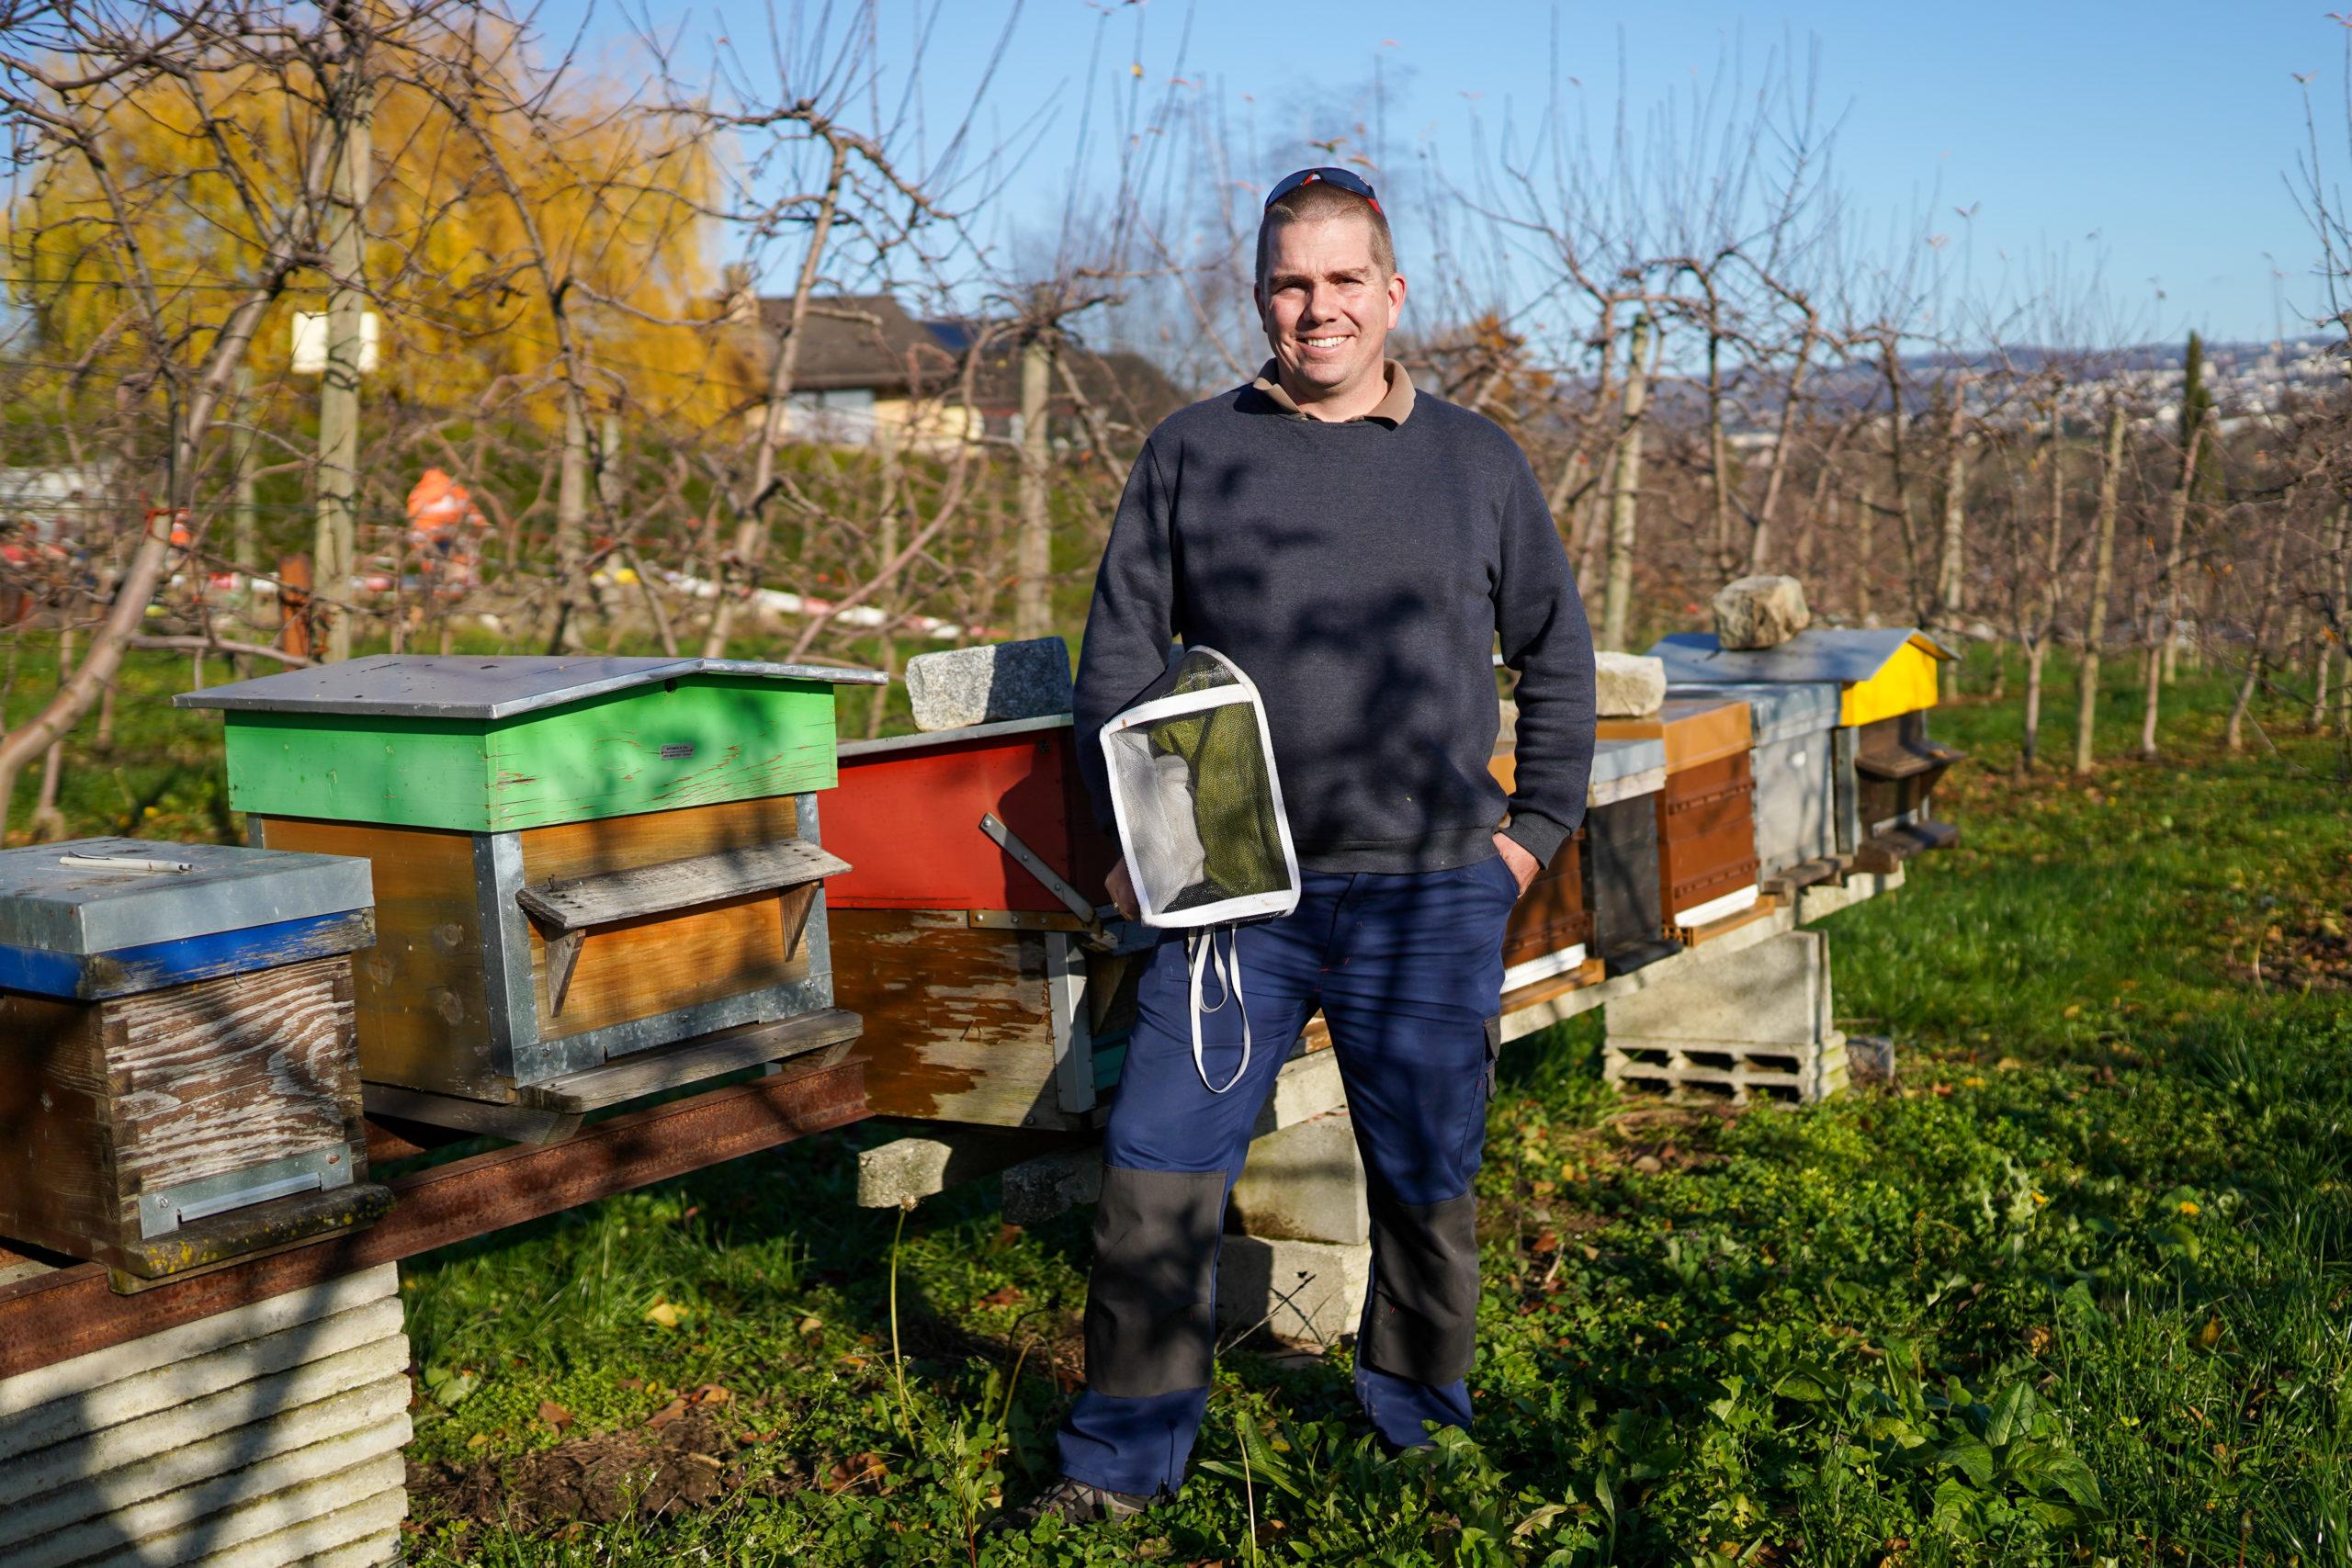 L'année a été catastrophique pour les récolteurs de miel